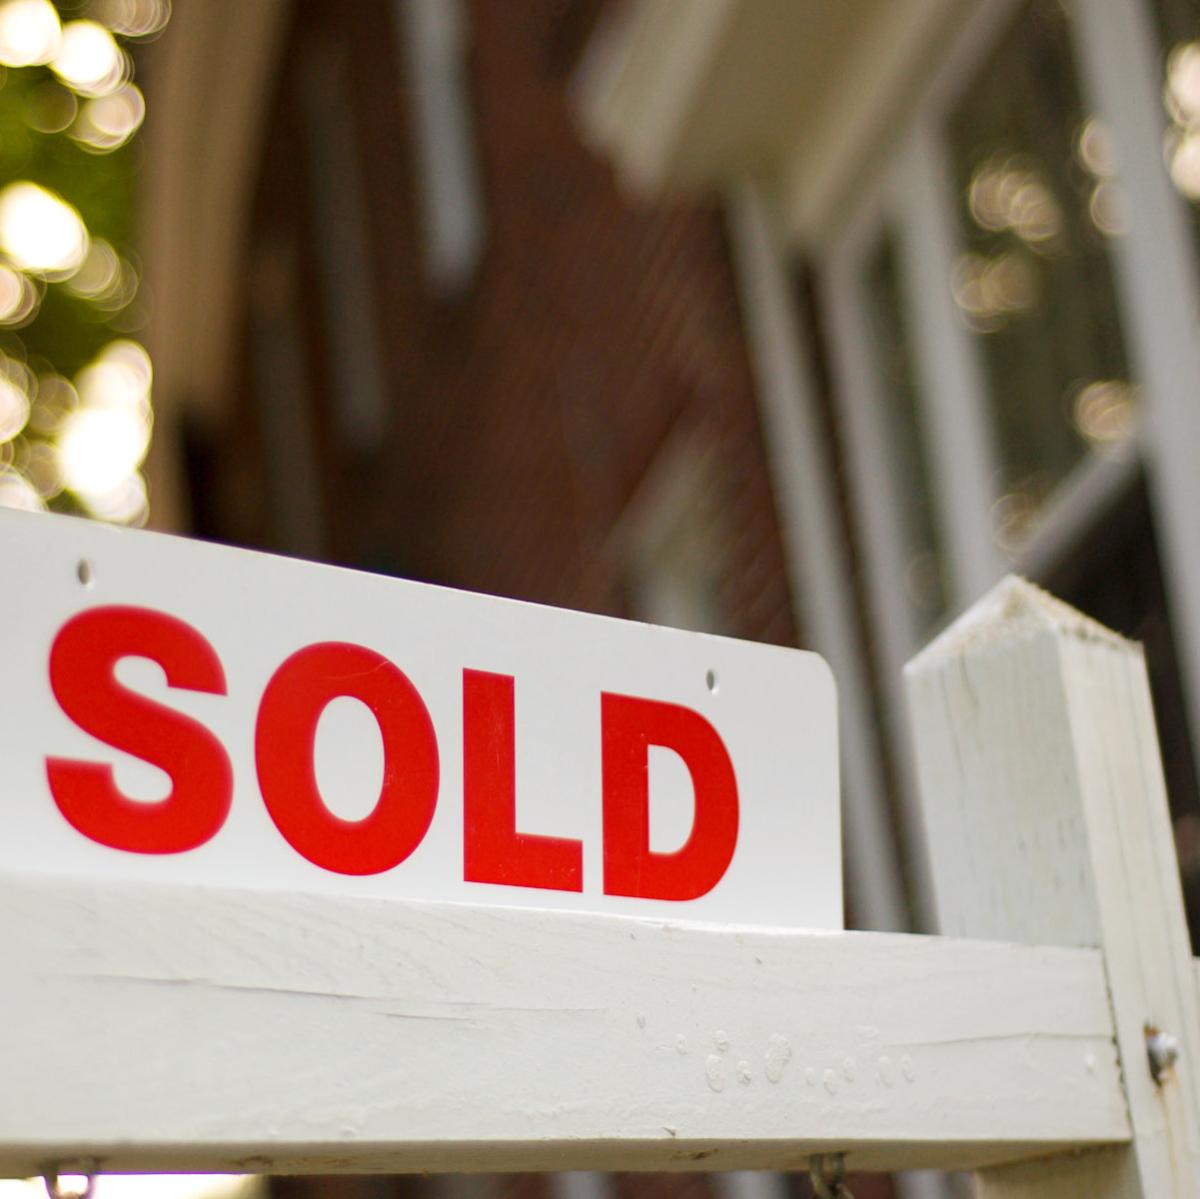 News_Real estate_sold_sign_placeholder